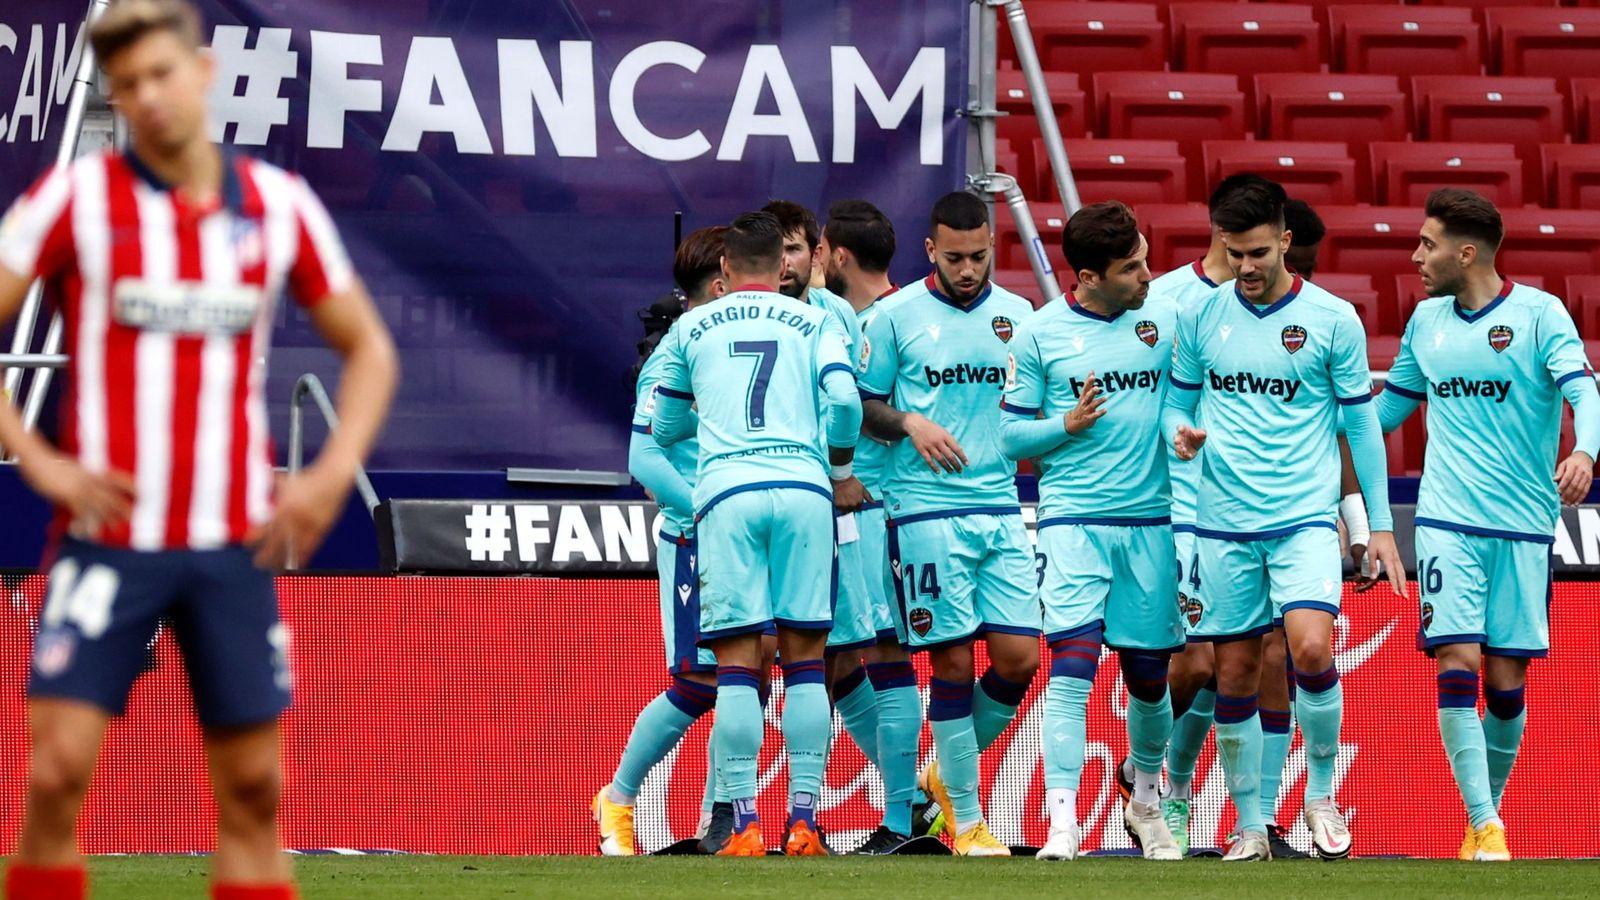 """Картинки по запросу """"Atletico levante 0-2 De frutos"""""""